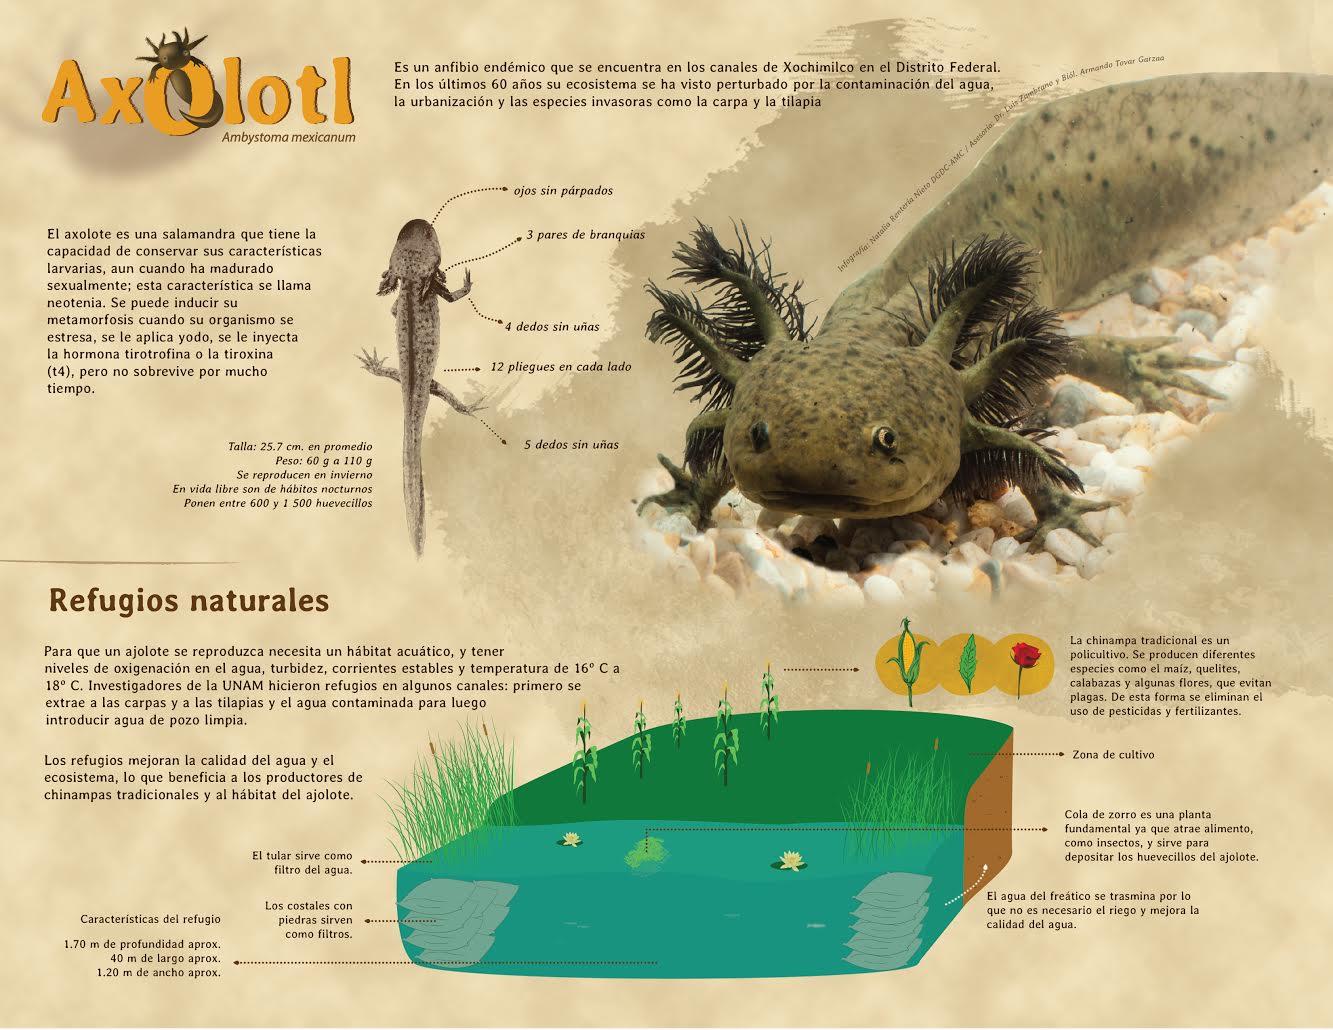 Infografía del Axolotl